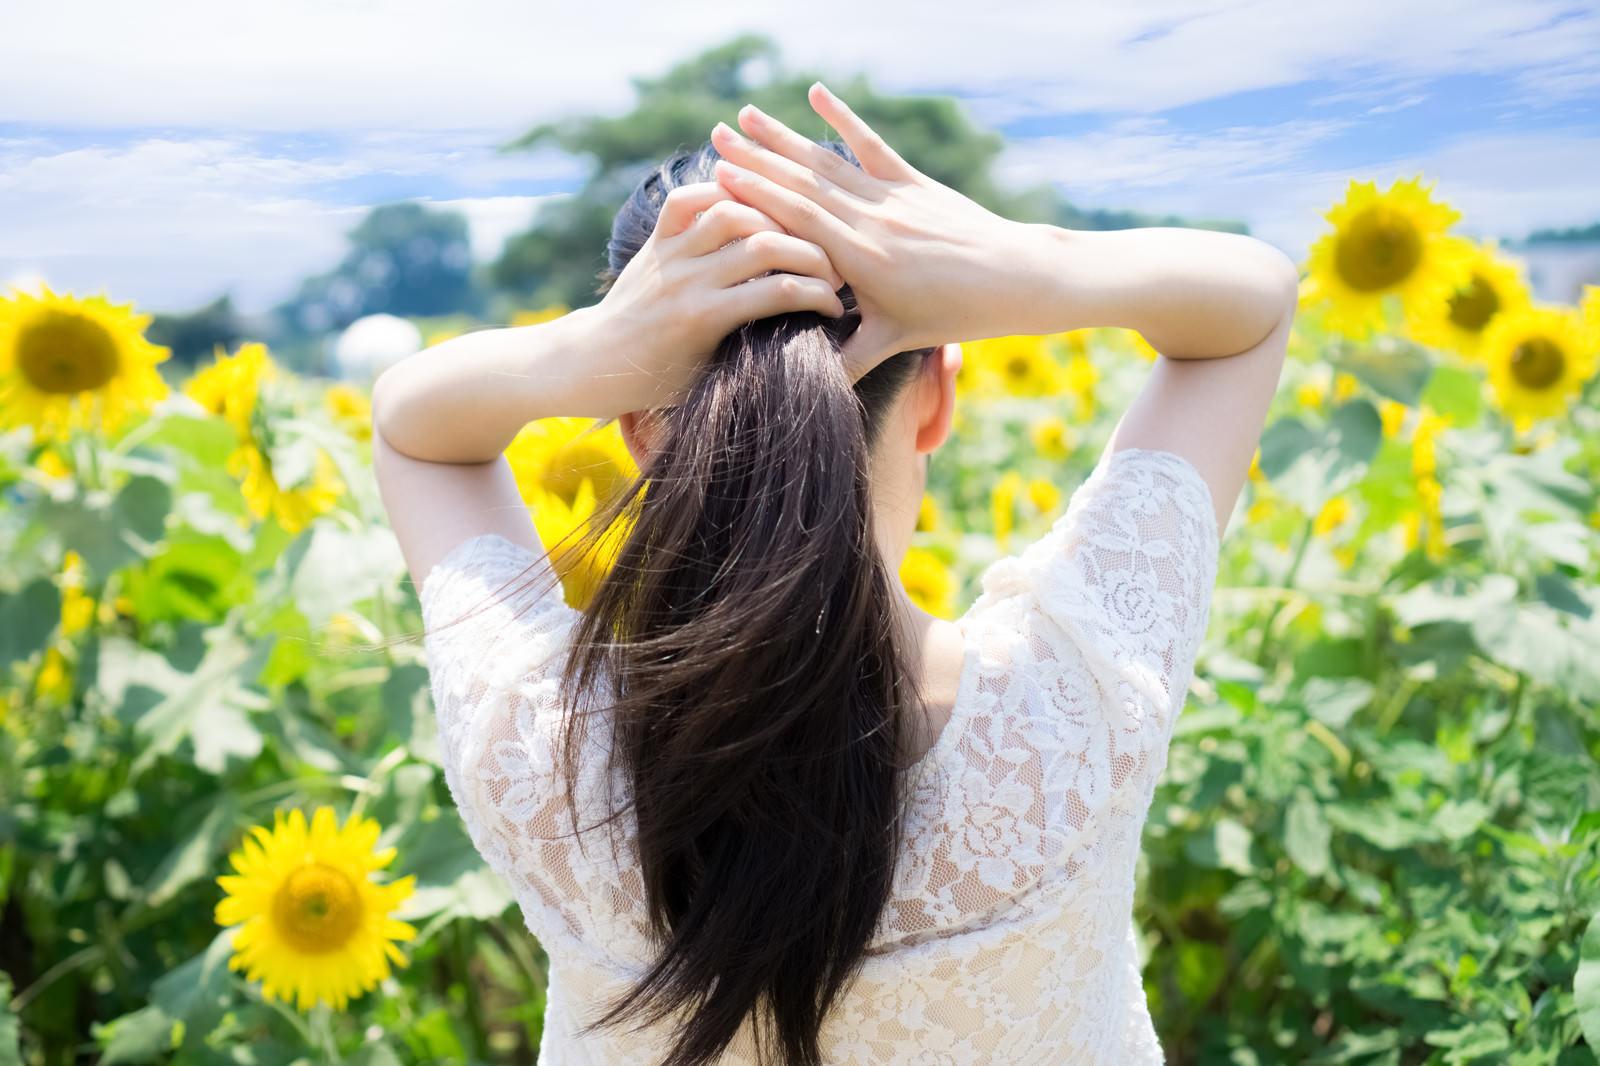 「暑くて後ろに髪を束ねる女性」の写真